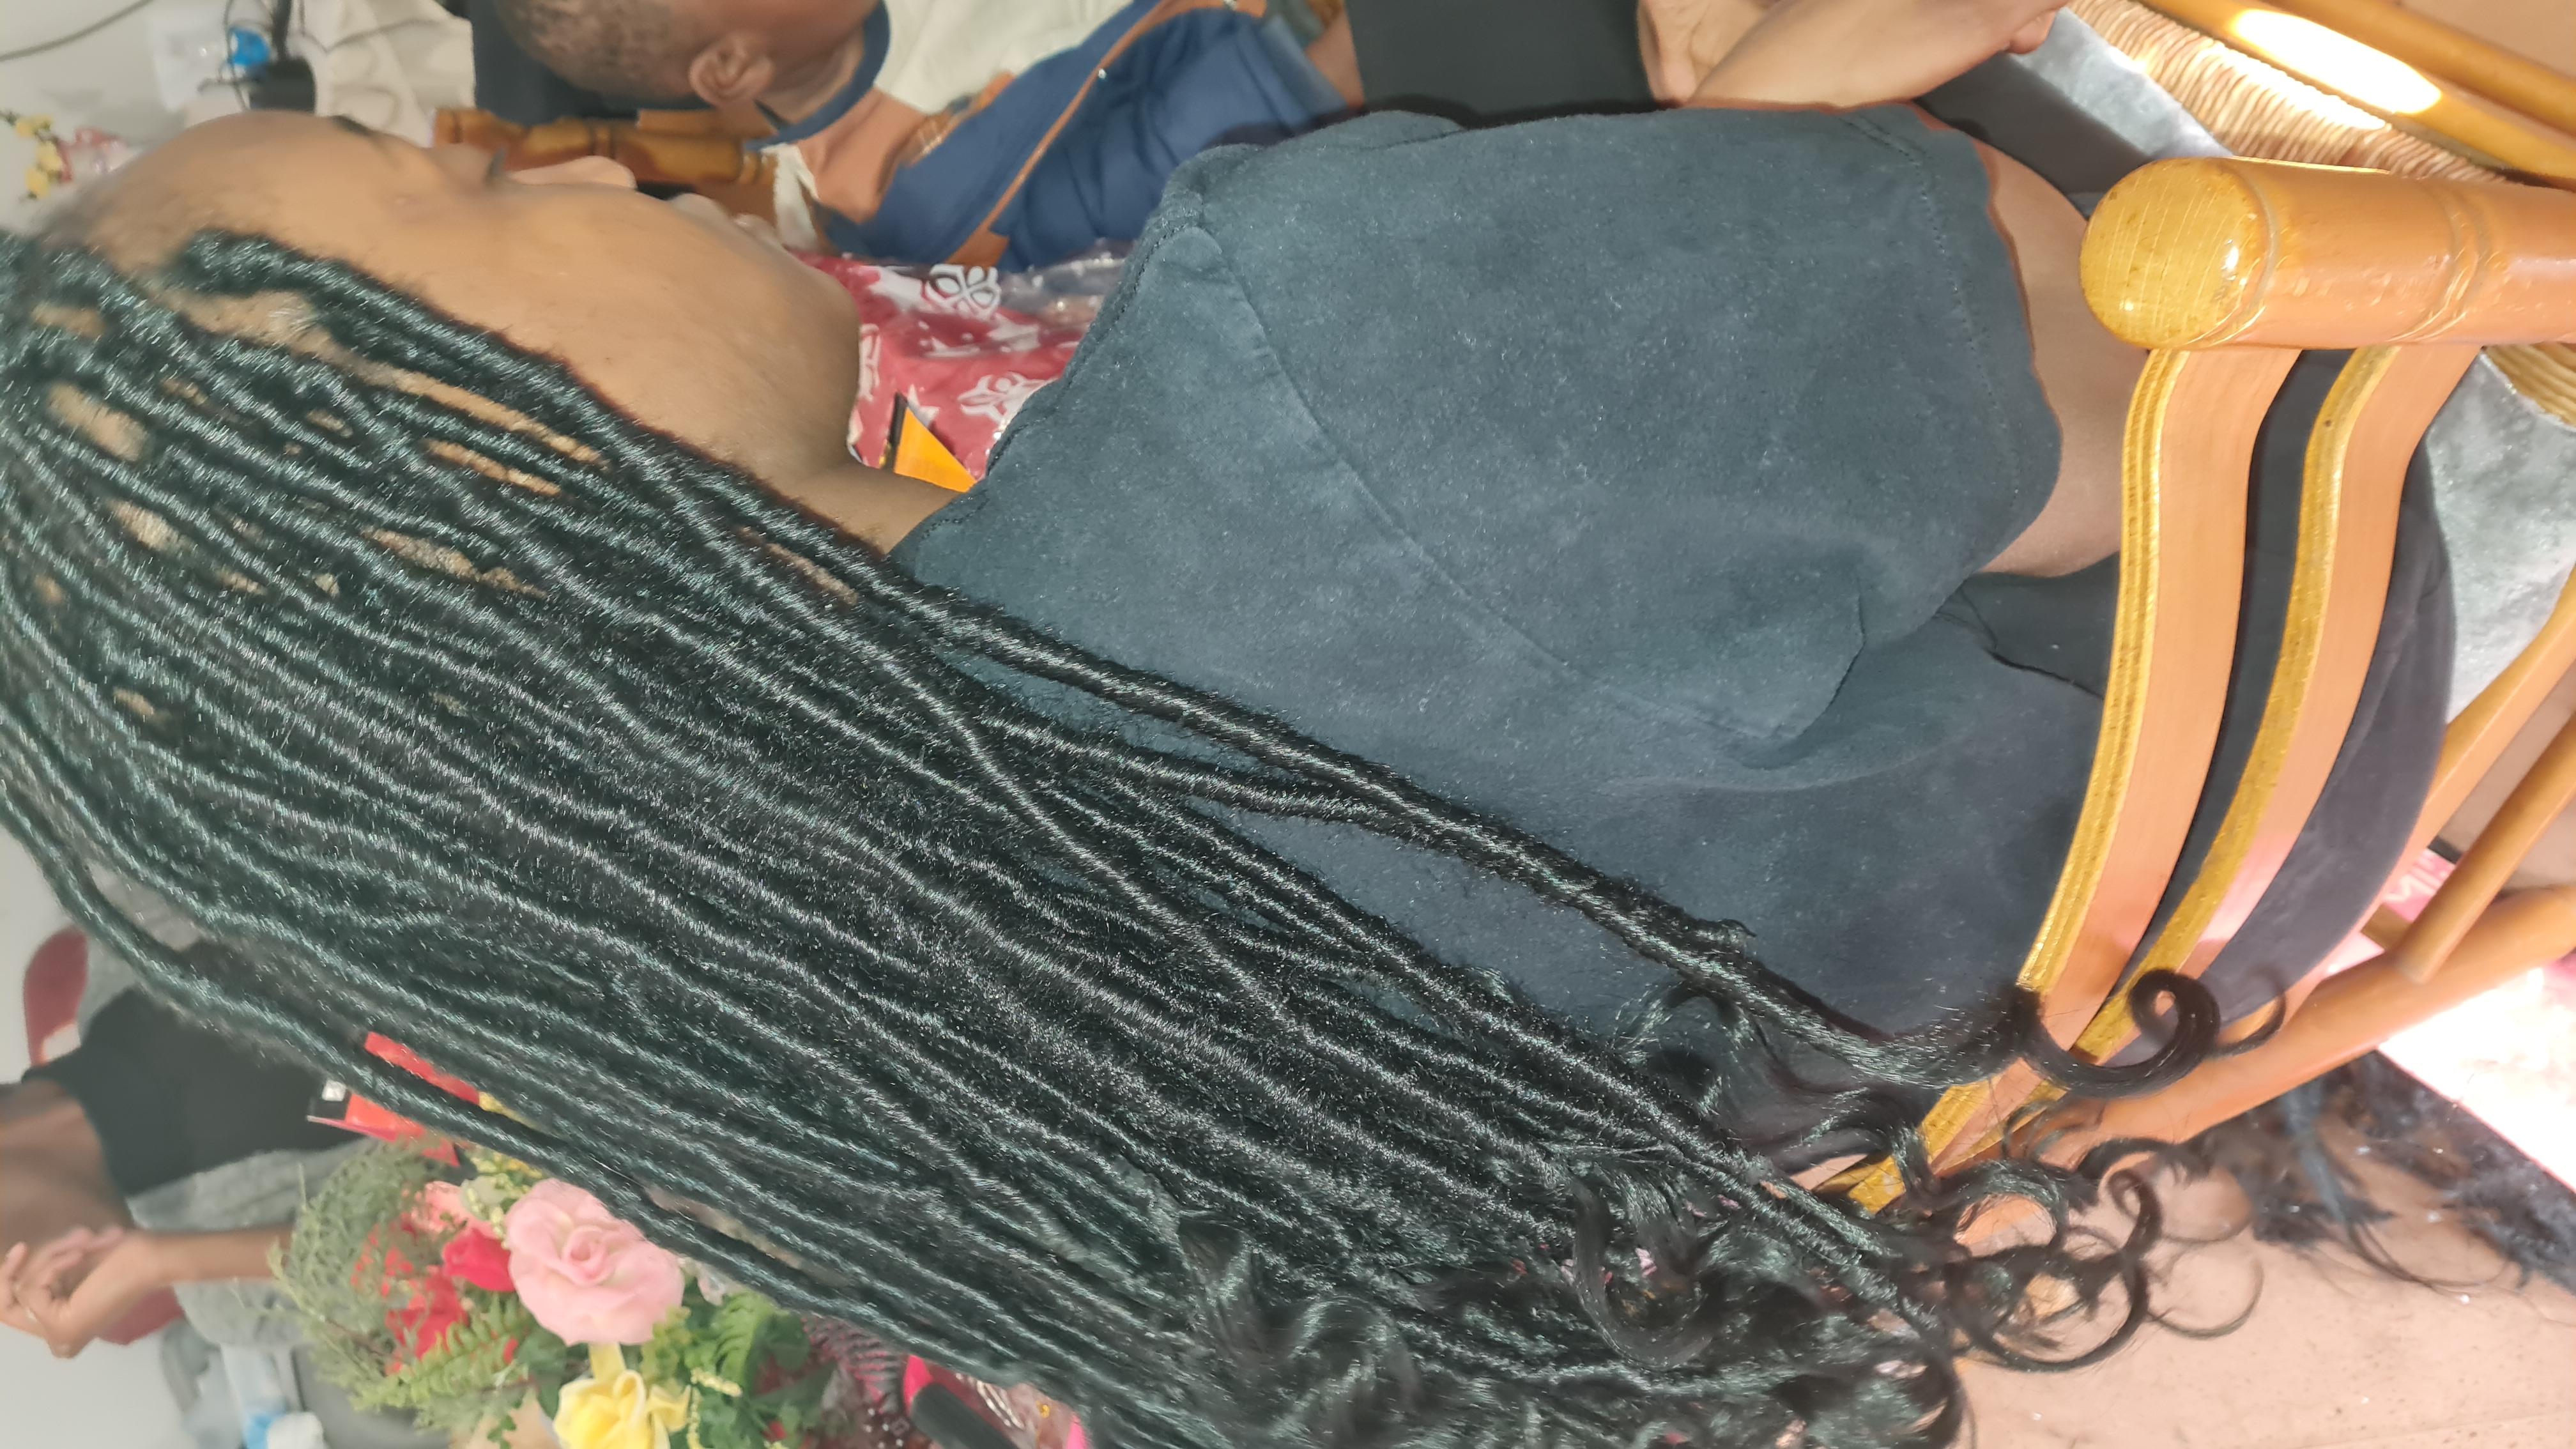 salon de coiffure afro tresse tresses box braids crochet braids vanilles tissages paris 75 77 78 91 92 93 94 95 QYFZZEJP